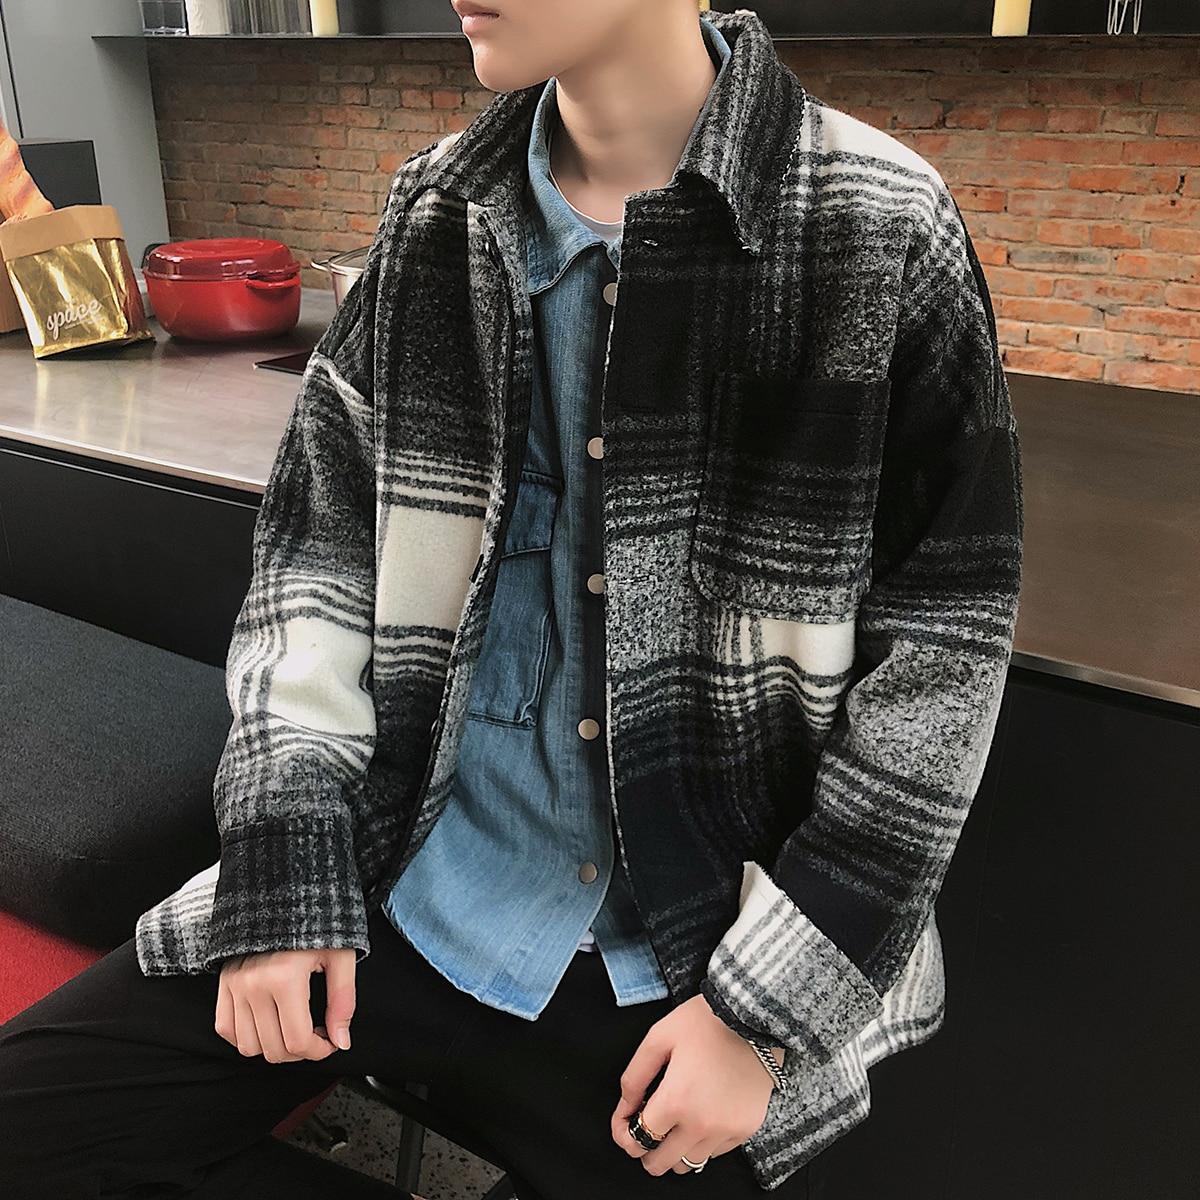 Ropa Suelta Vintage Black Down Moda Turn Estilo Celosía Coreana 2018 Collar  Hombres Invierno Ocio Mezclas coffee Chaqueta ... de93f149b31